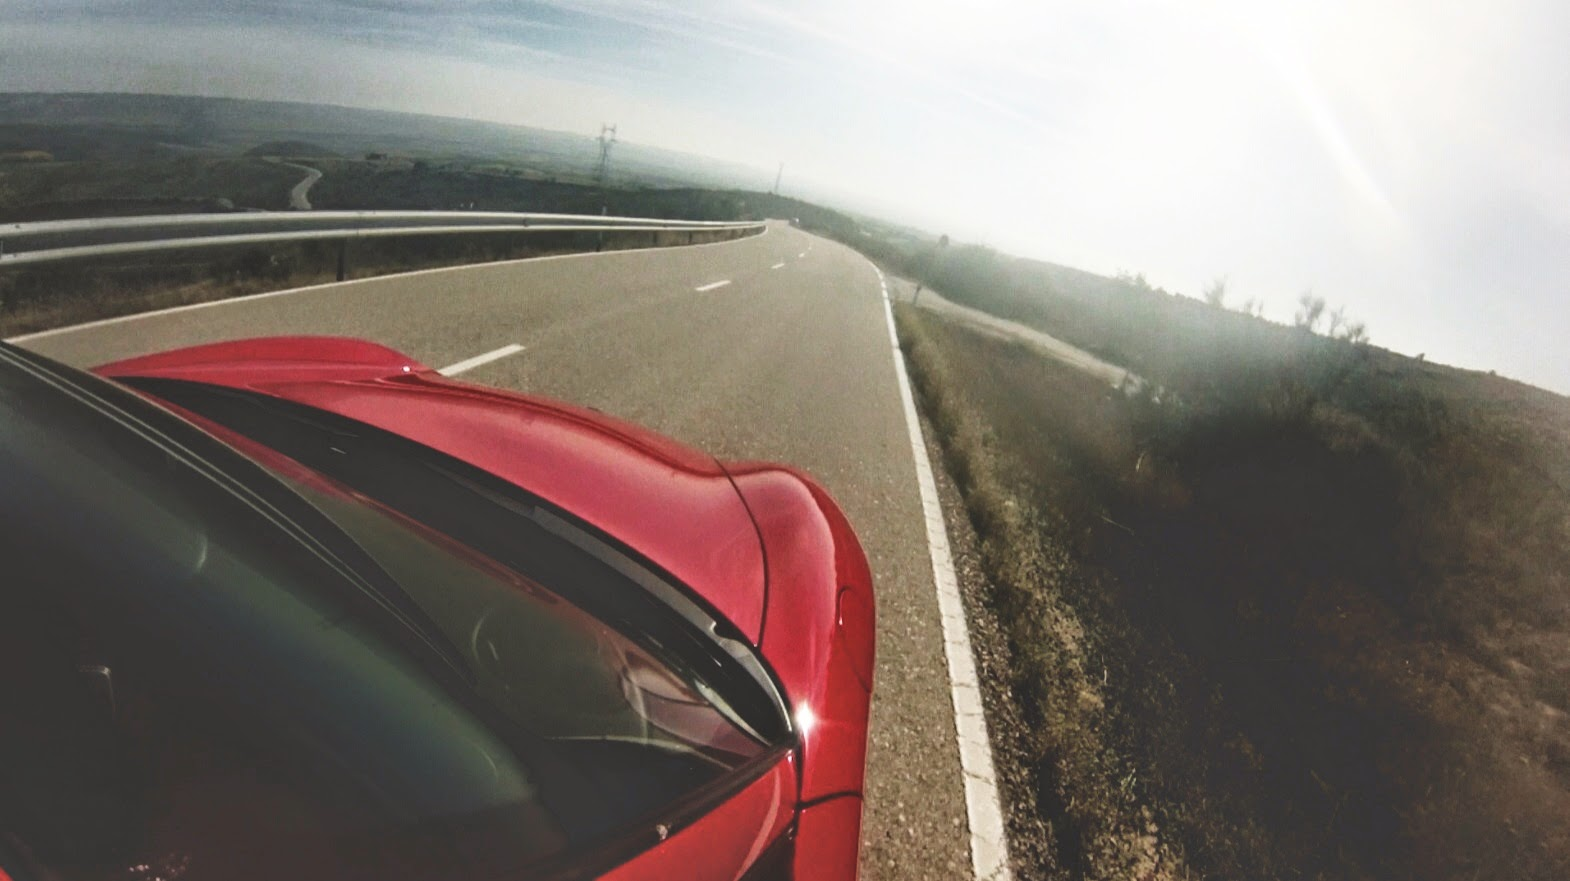 Rotes Fahrzeug fährt auf nebliger Straße